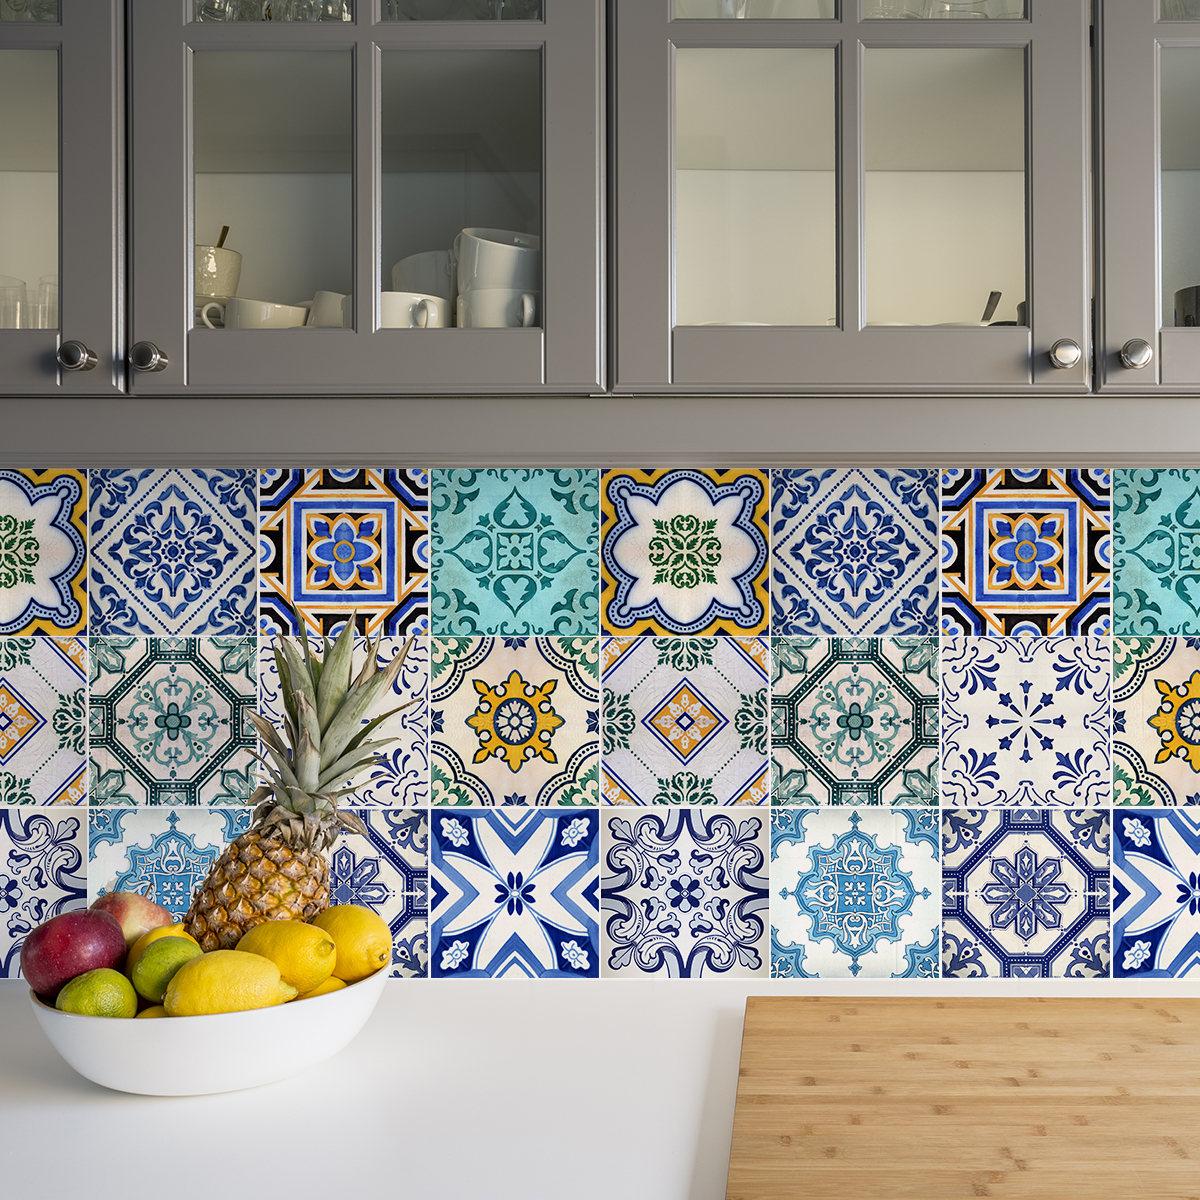 Lujoso Pared De La Cocina Marroquí Azulejos Reino Unido Foto - Ideas ...